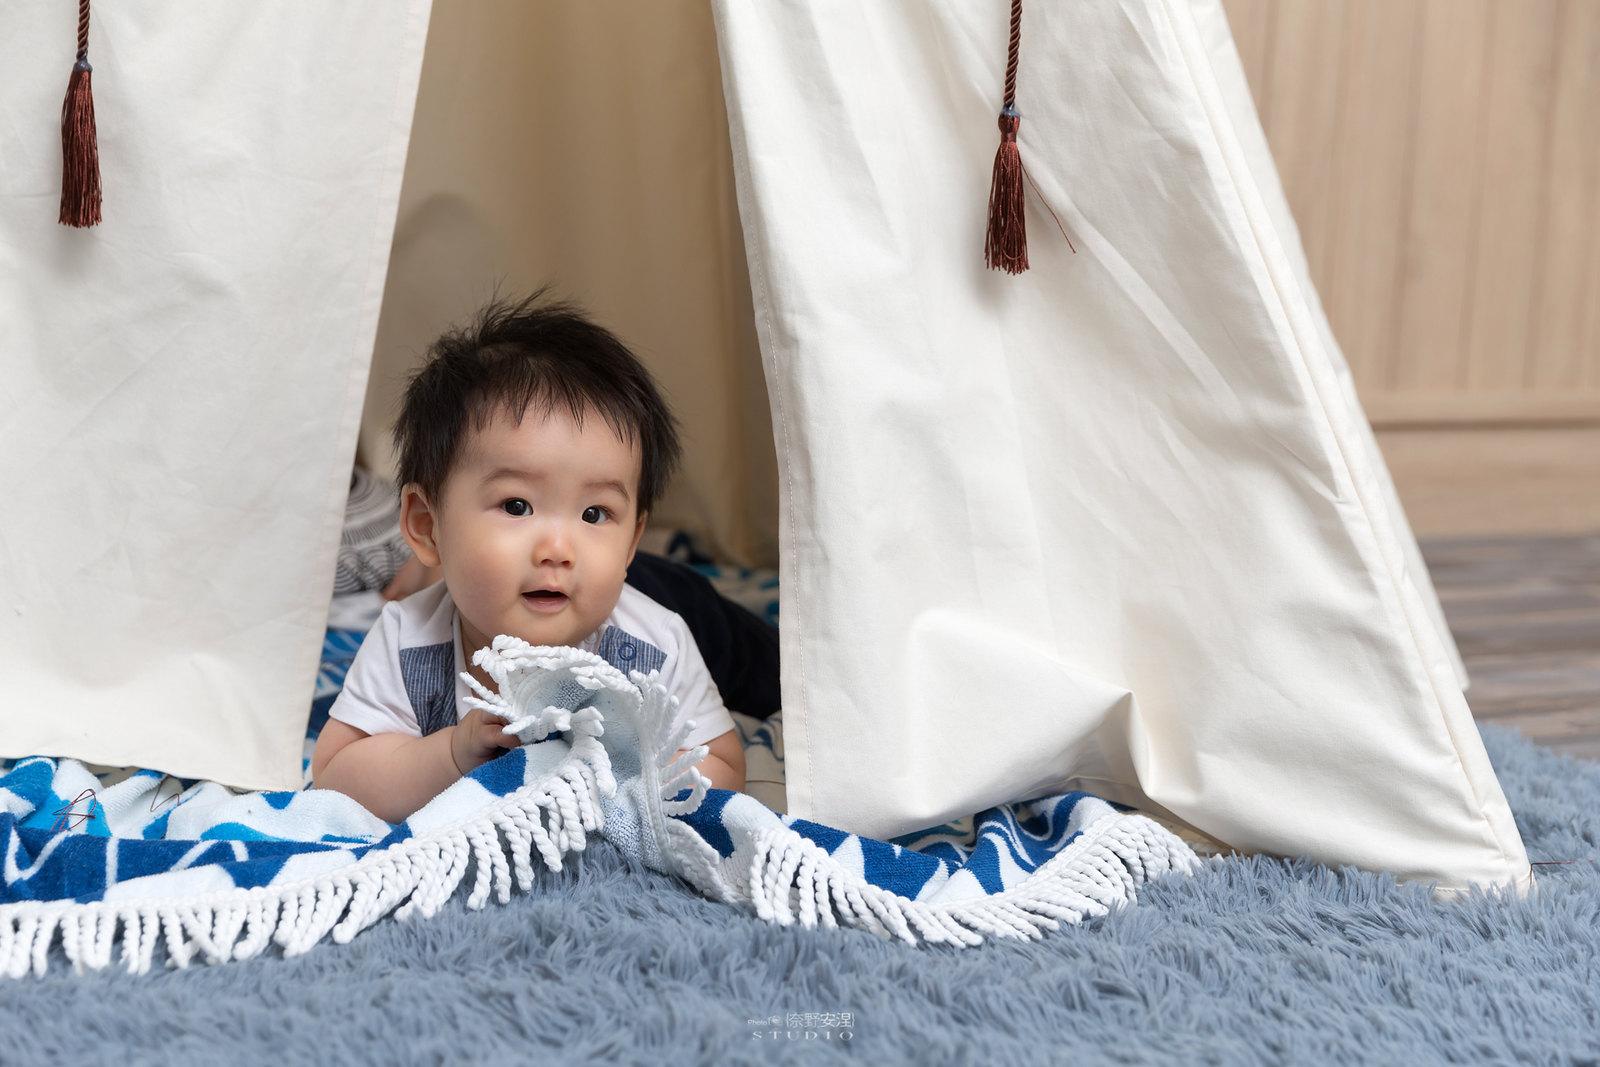 台南全家福 | 拋棄傳統合照的彆扭,忠實呈現家人間最親密的情感35